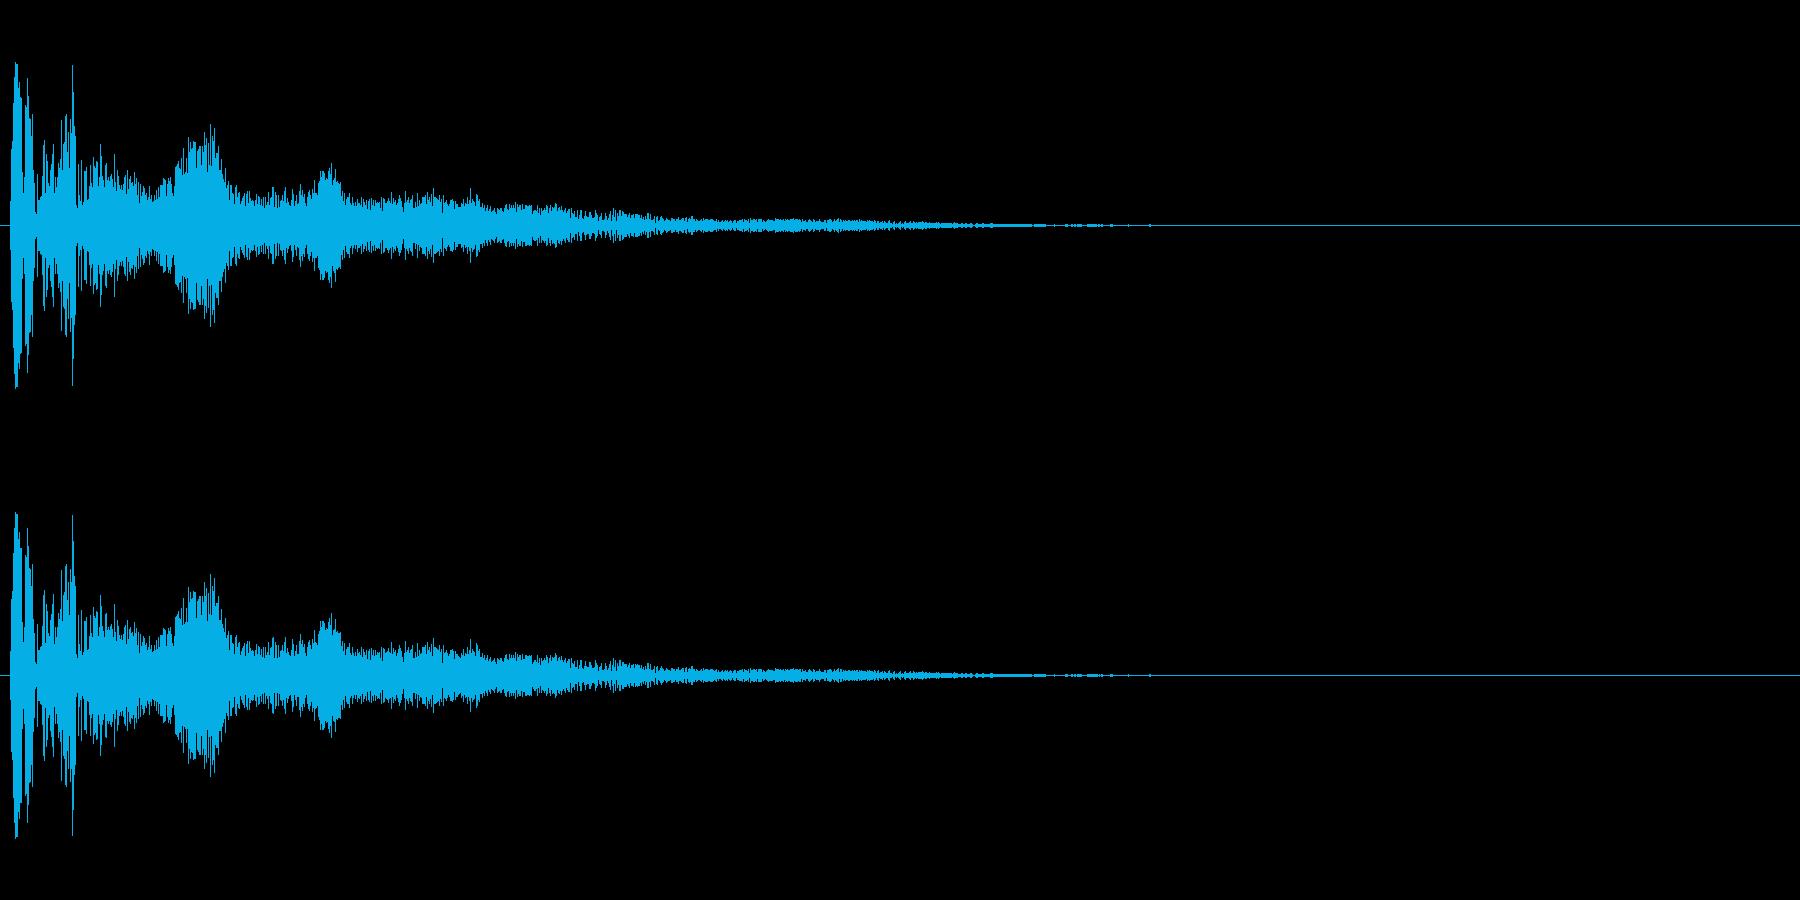 ボヨヨーン(低い)コミカル効果音の再生済みの波形